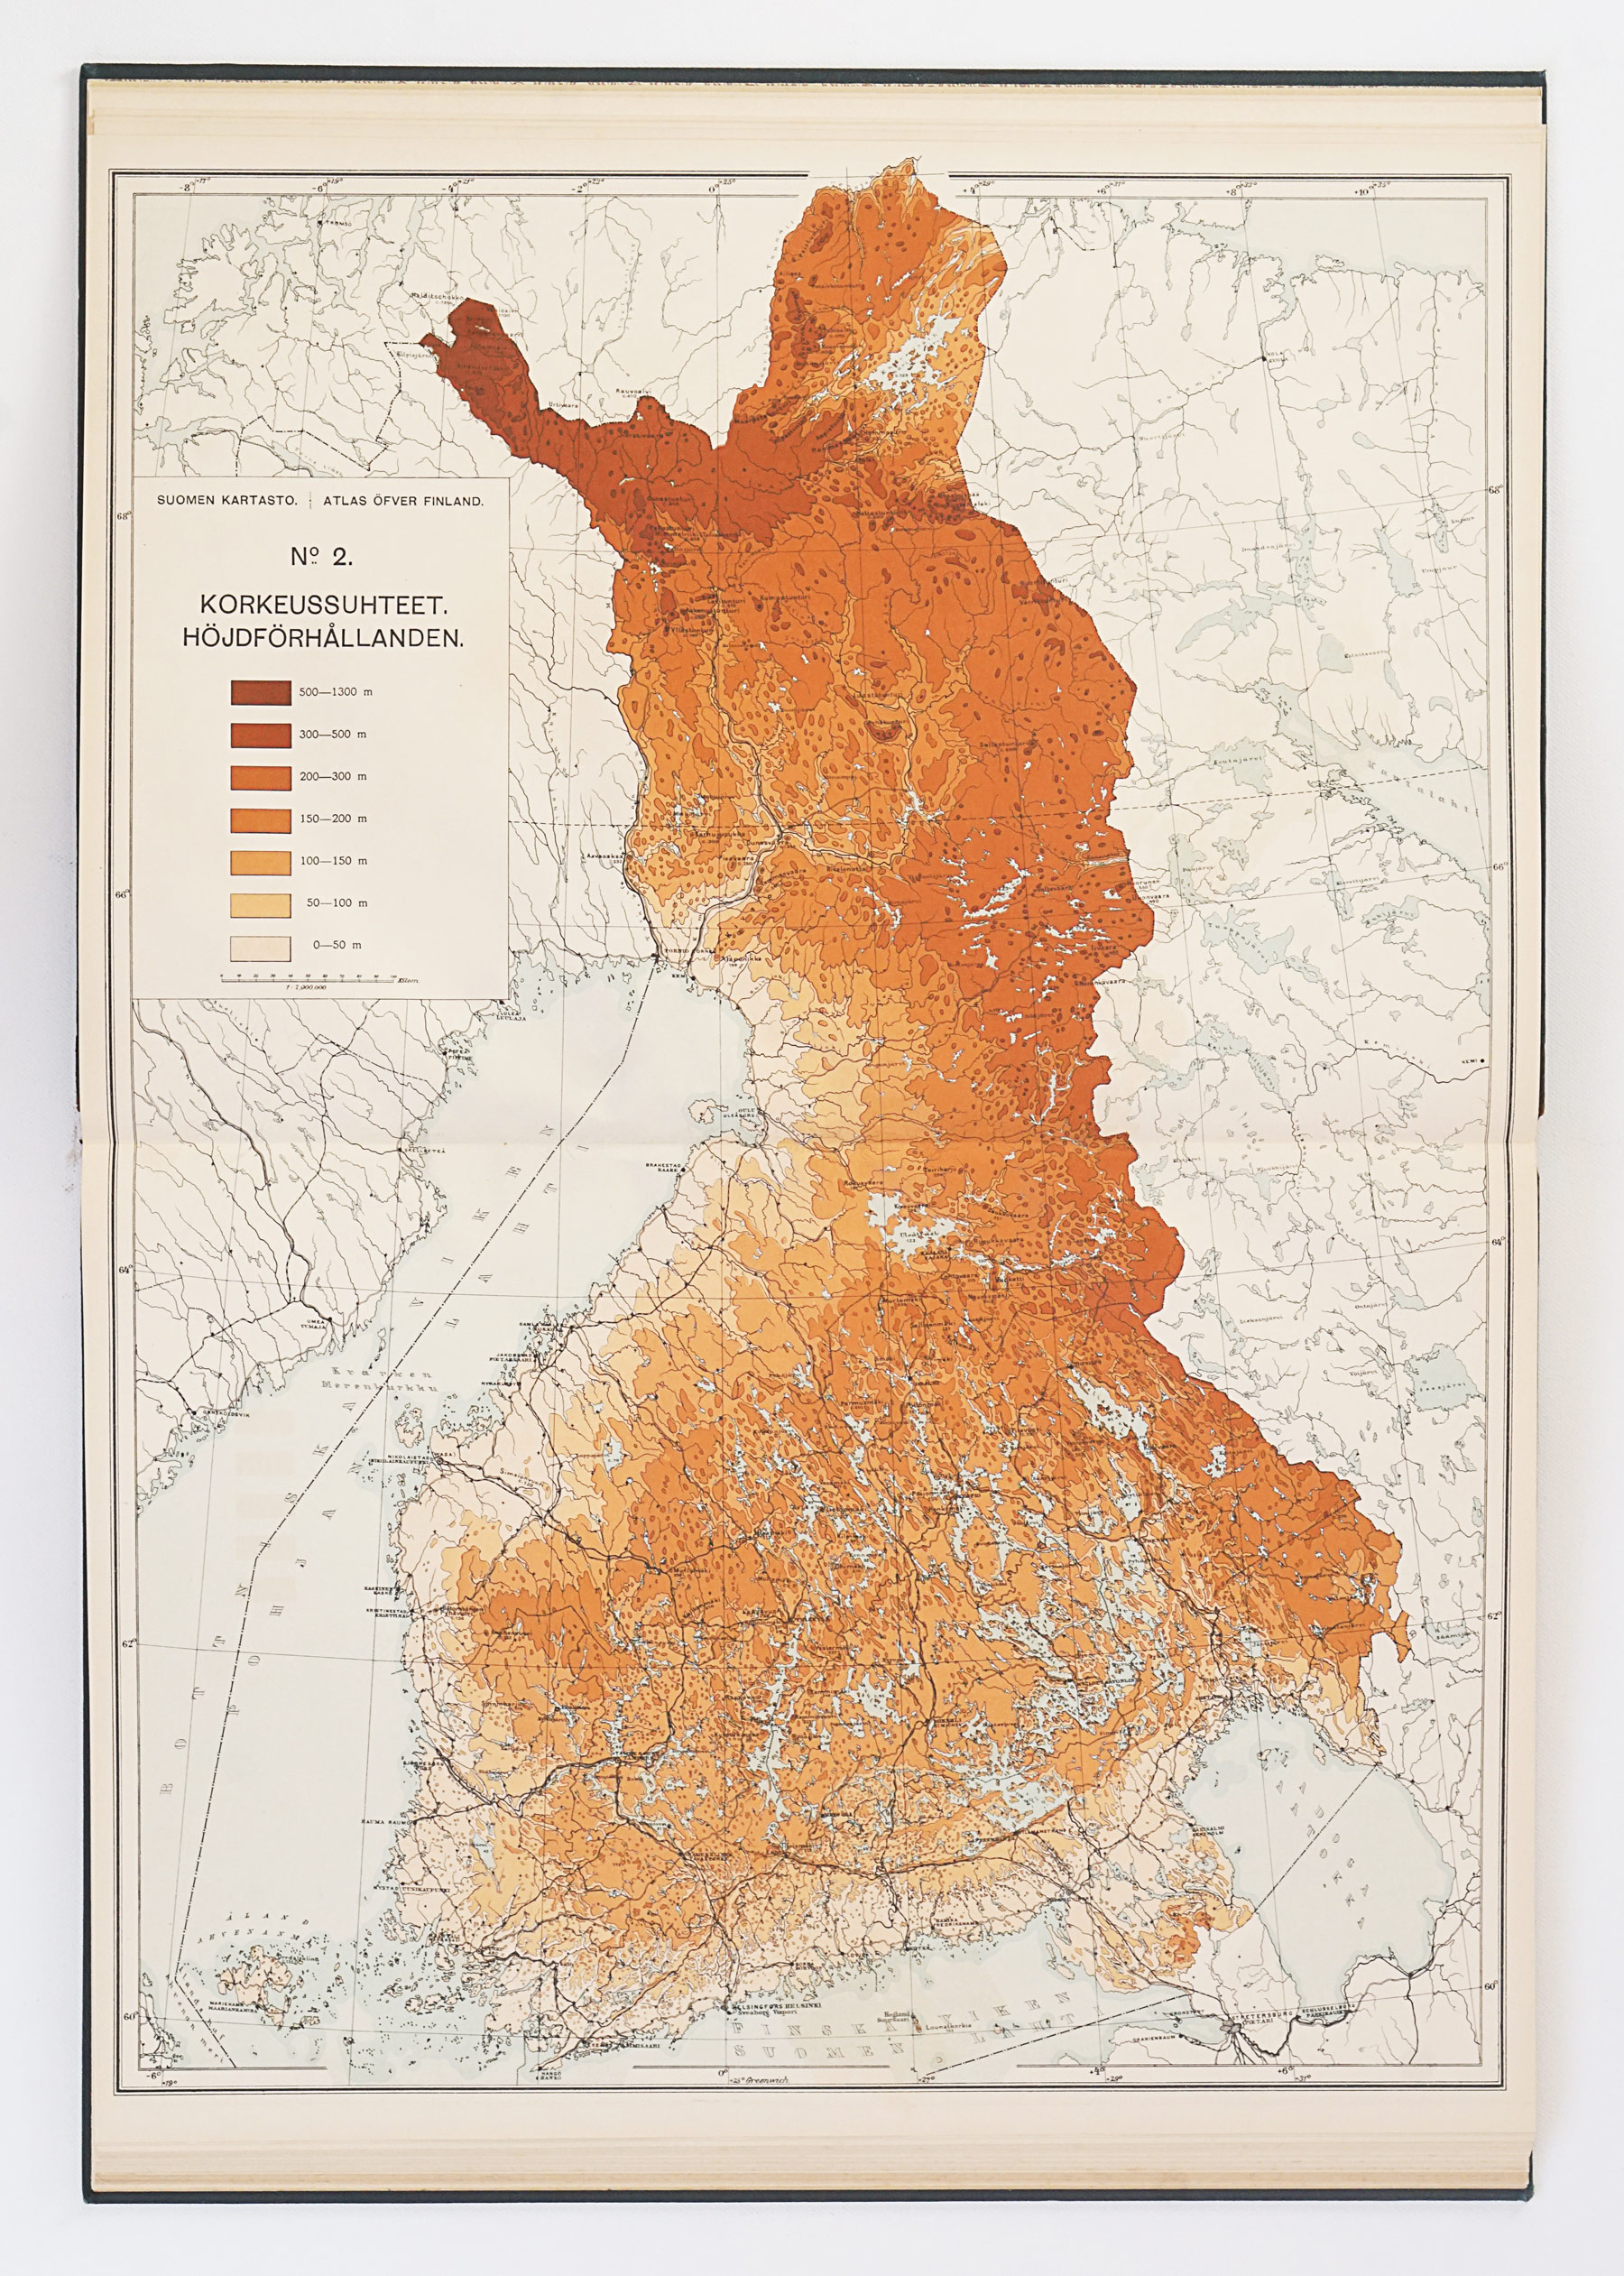 Atlas öfver Finland, First Edition